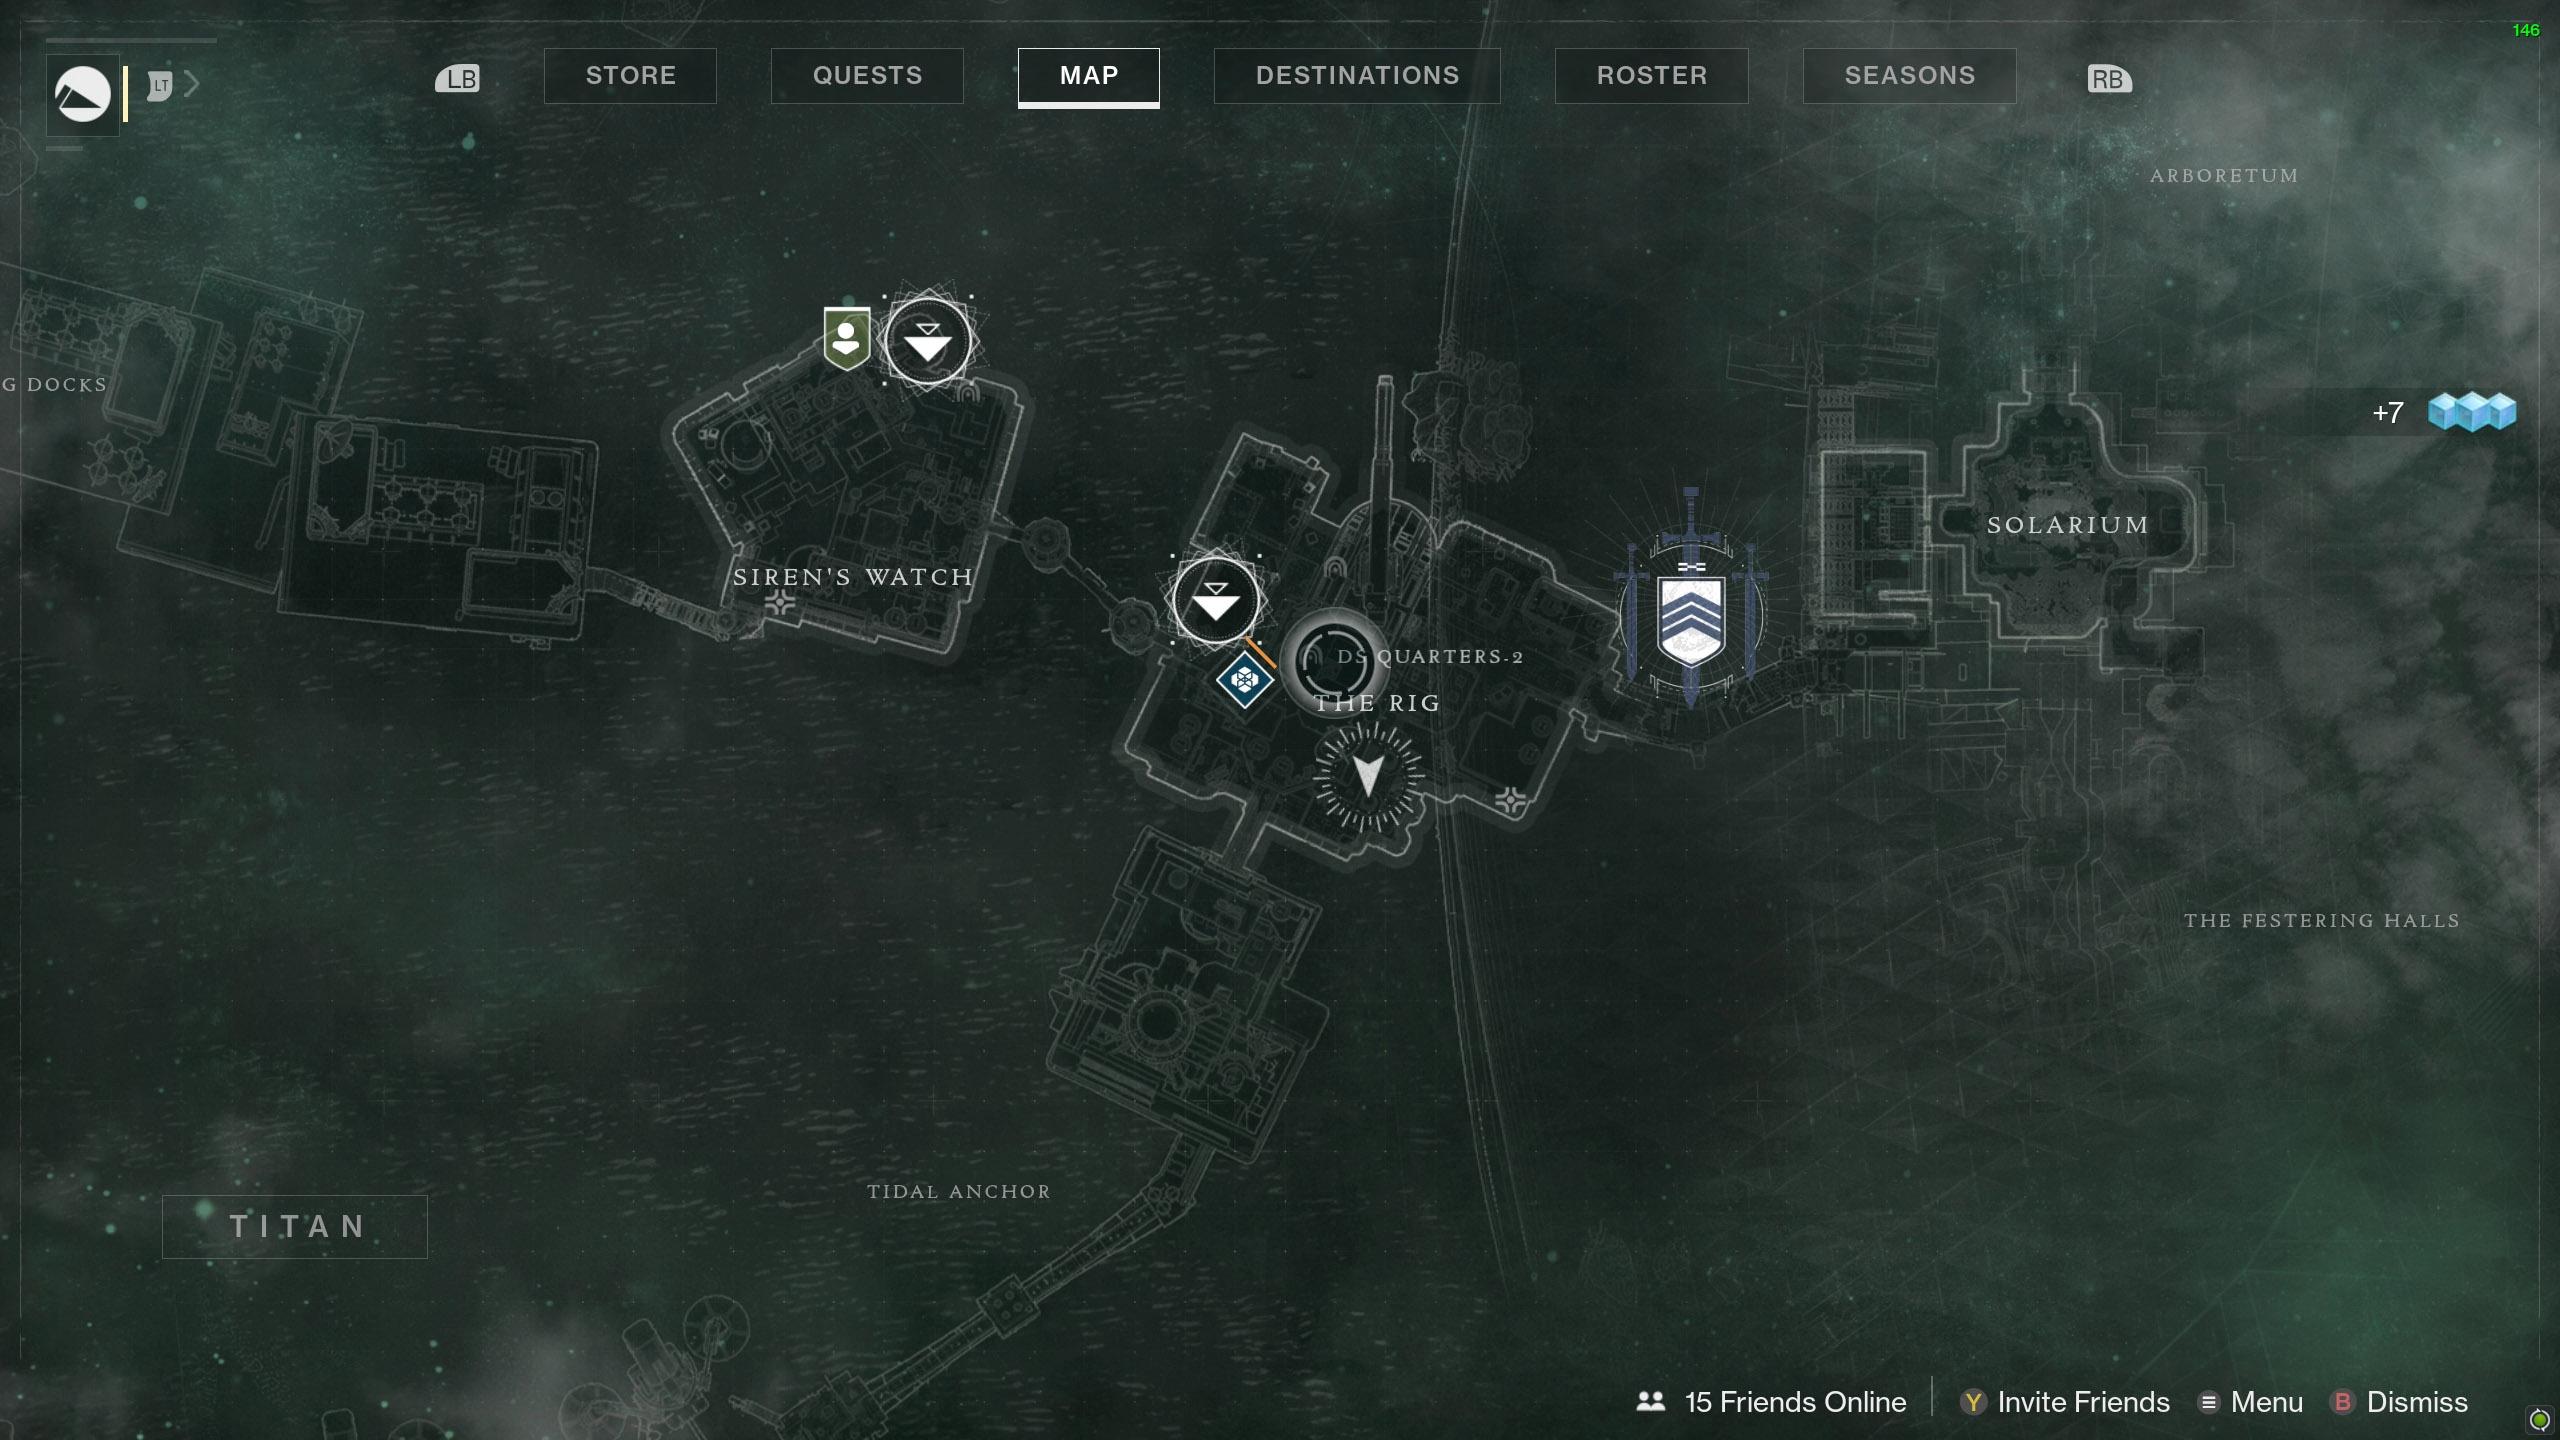 Destiny 2 Savanthuns Eyes Titan DS Quarters-2 map